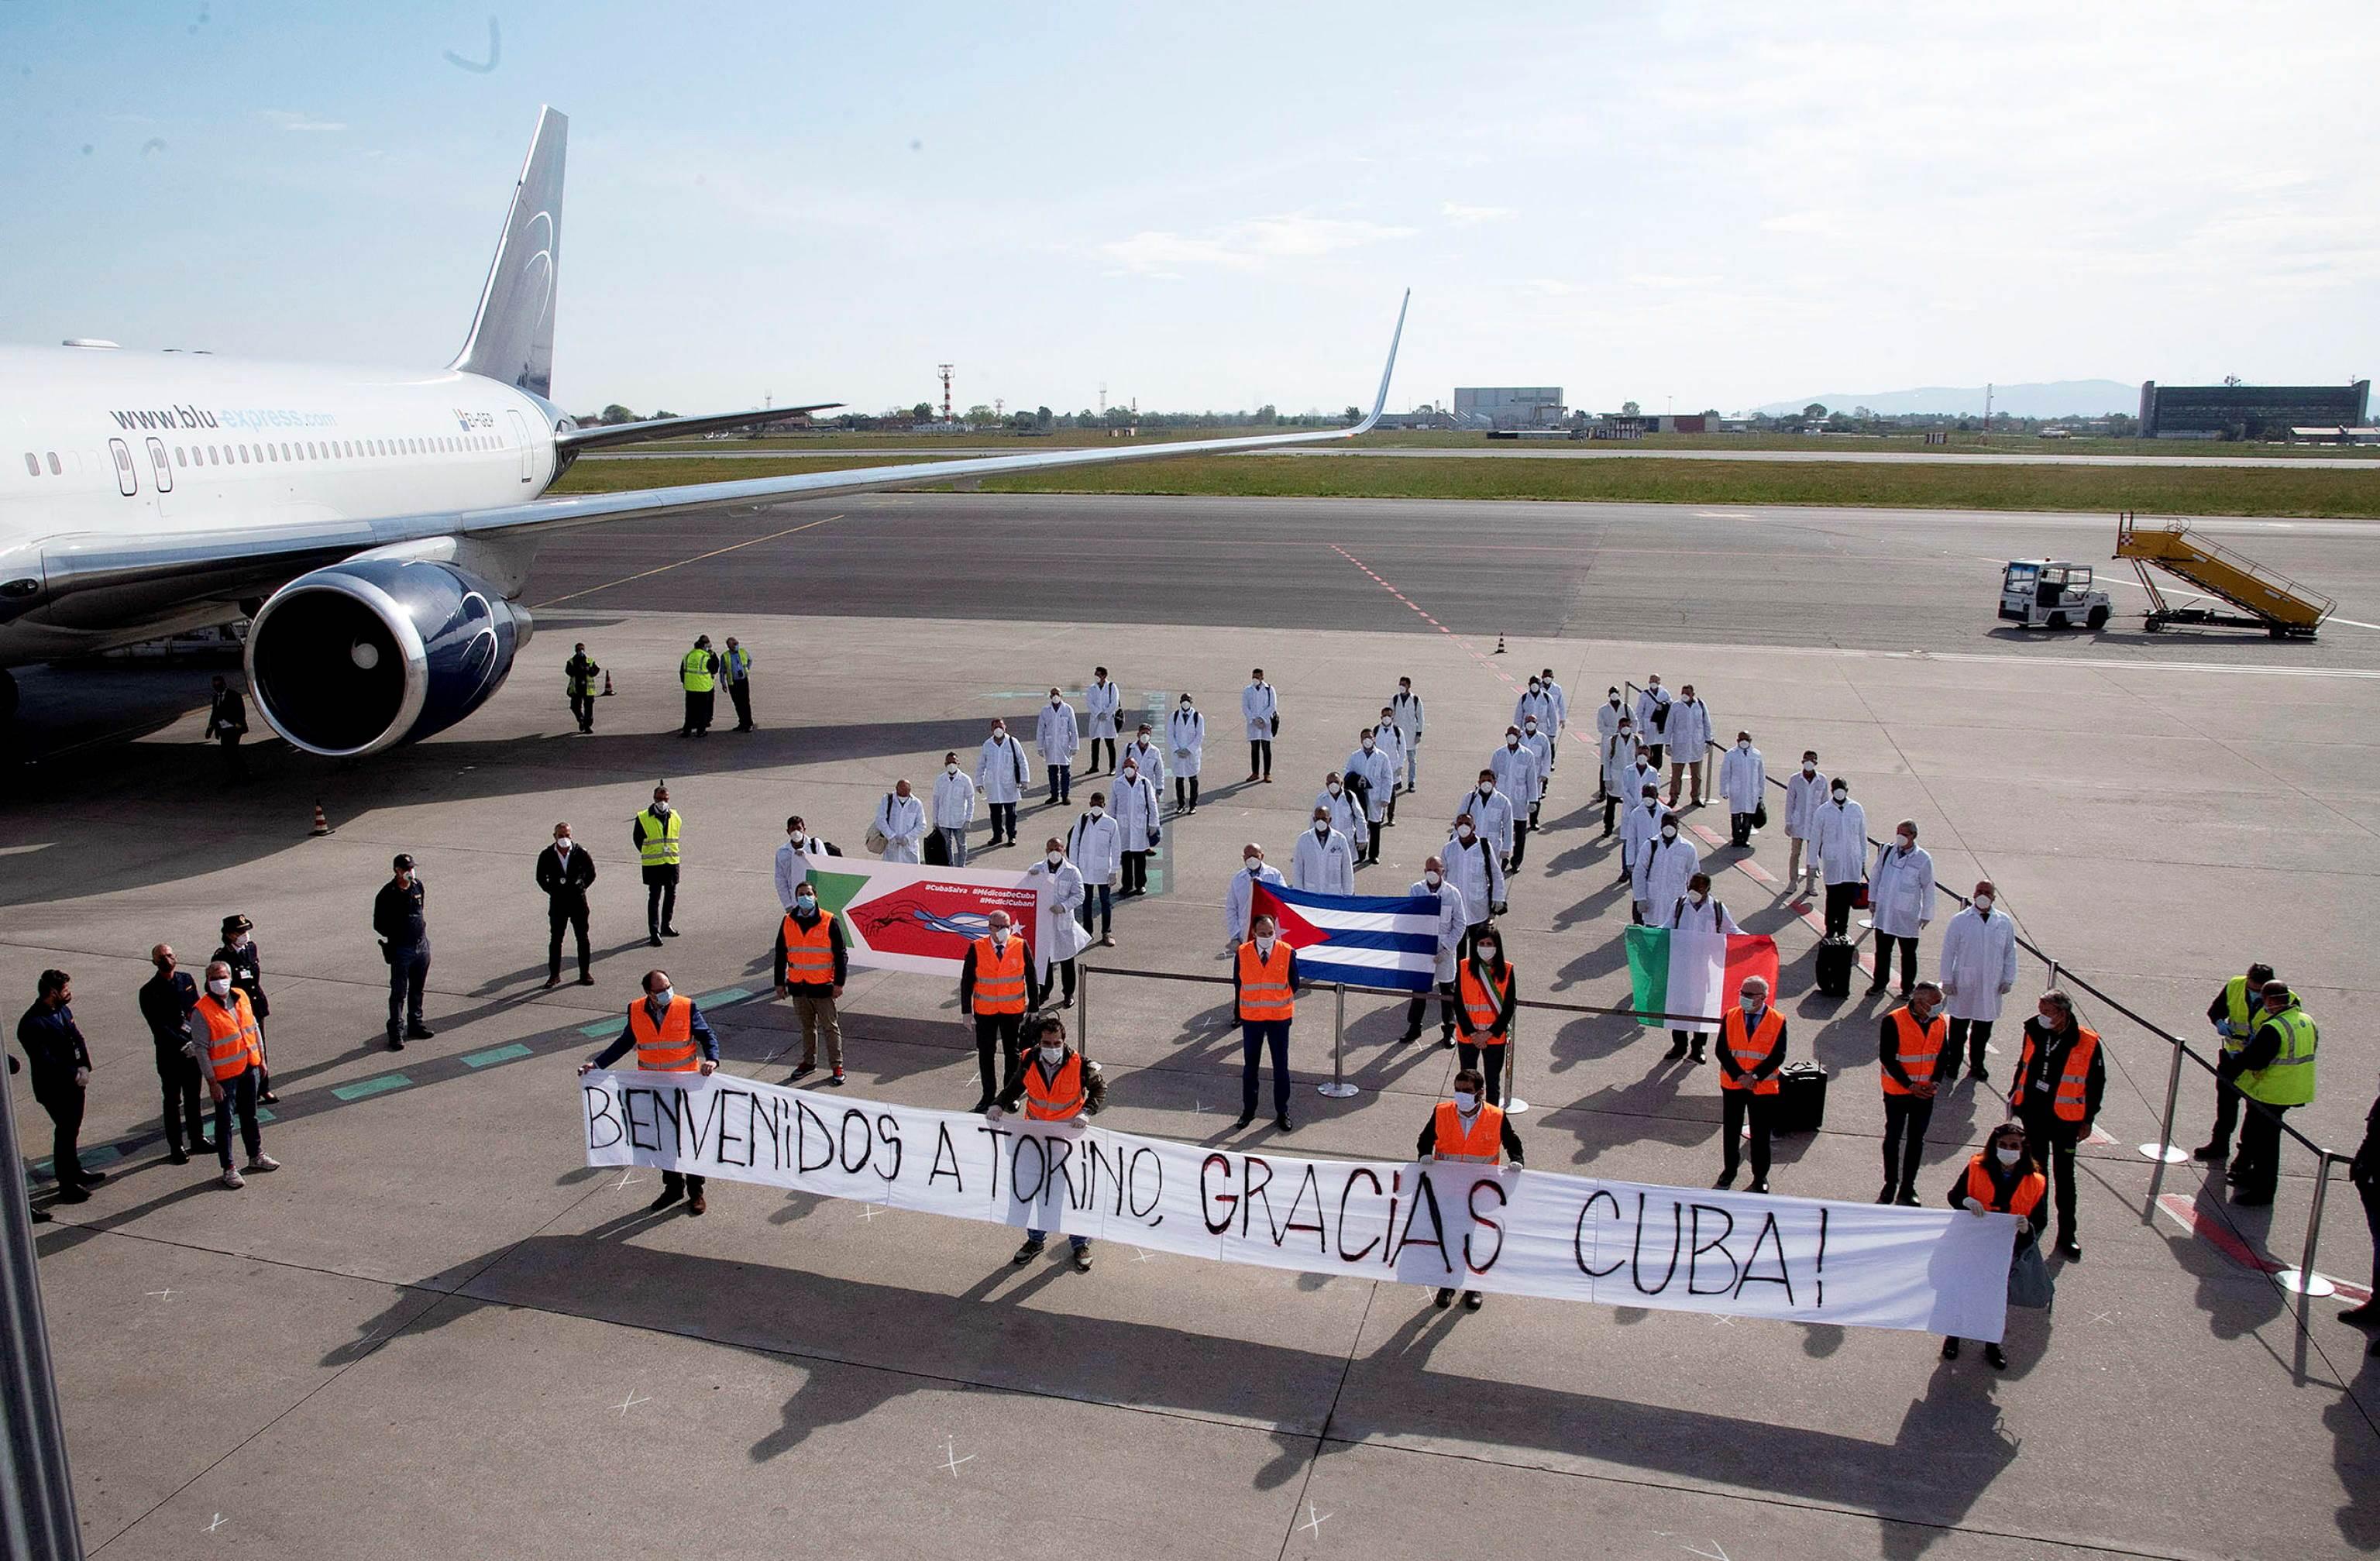 Cuba ha enviado a decenas de brigadas con miles de profesionales de la salud a numerosos países del mundo